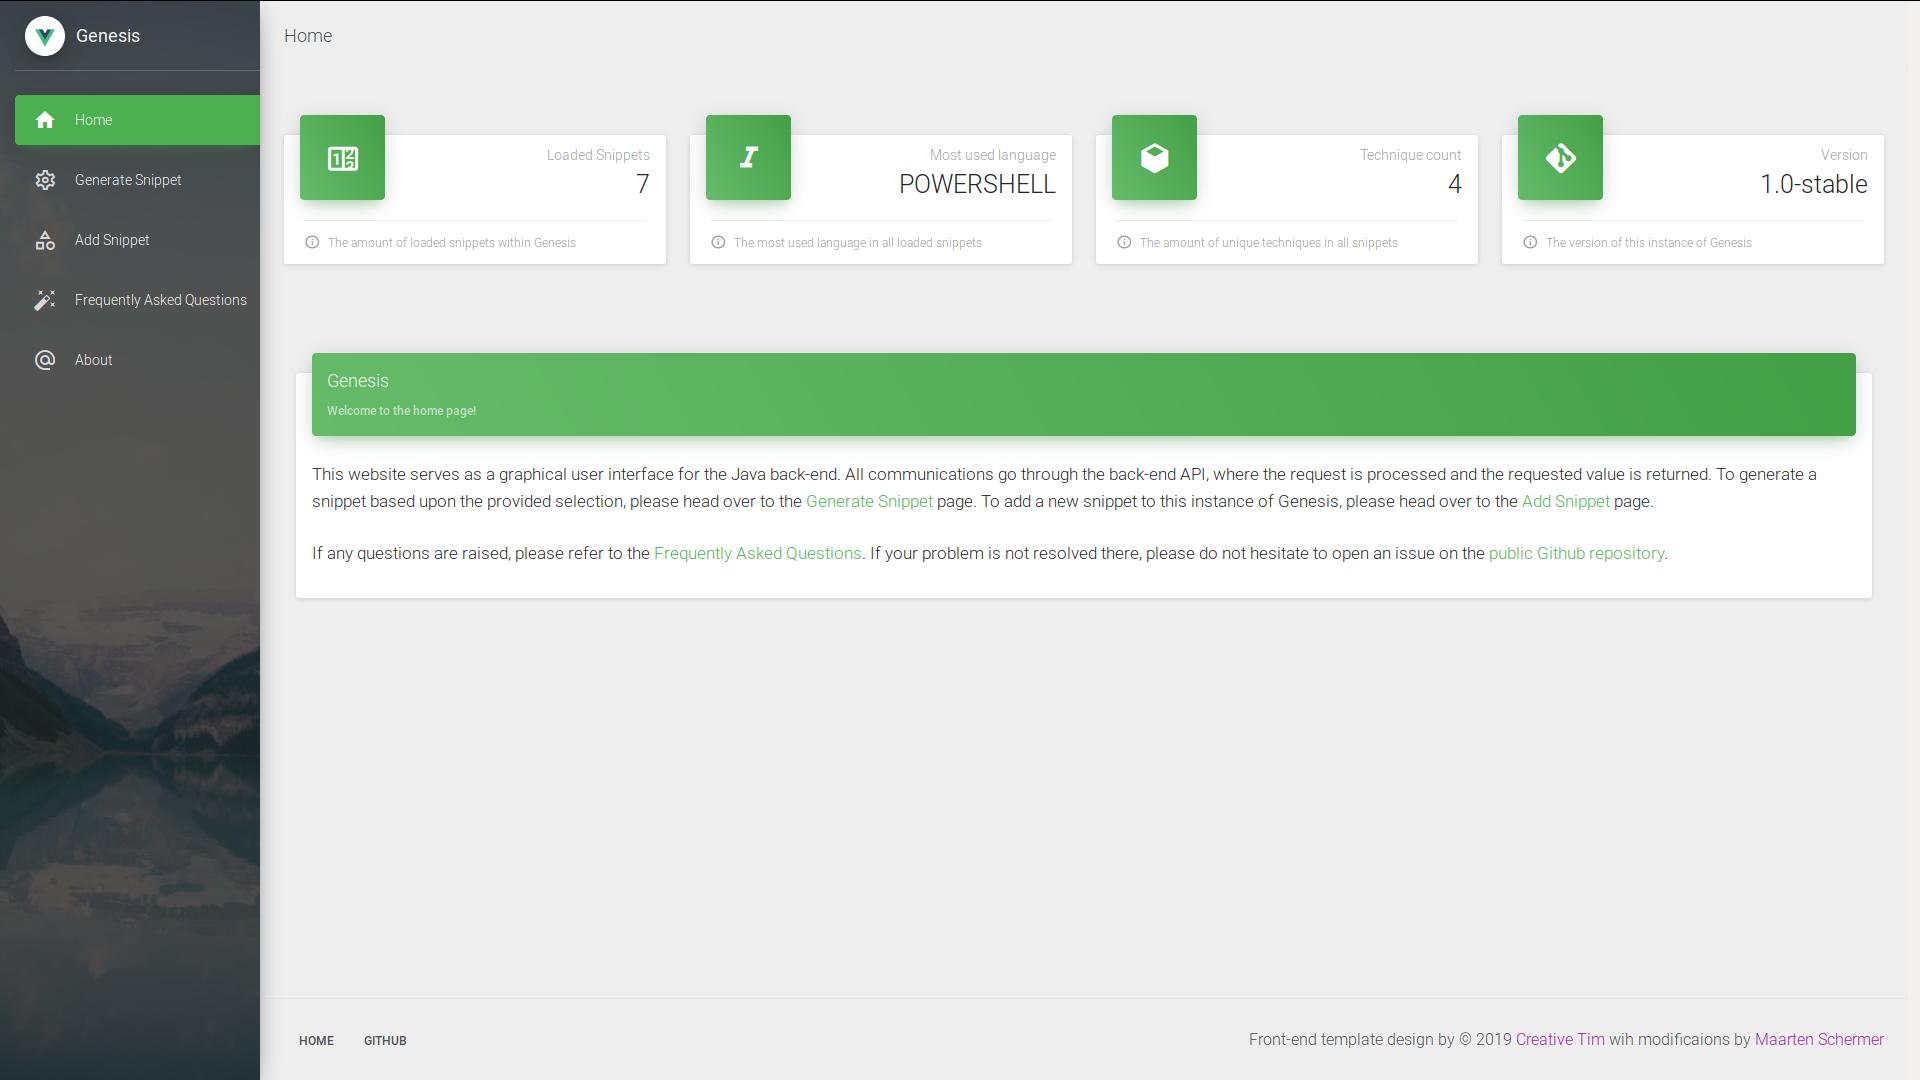 Genesis homepage